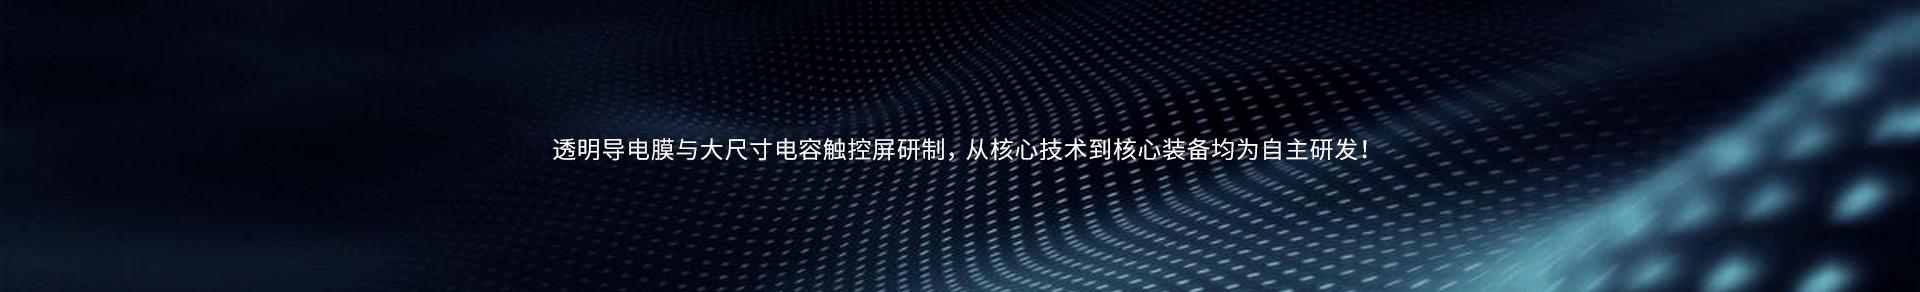 苏州维业达触控科技有限公司